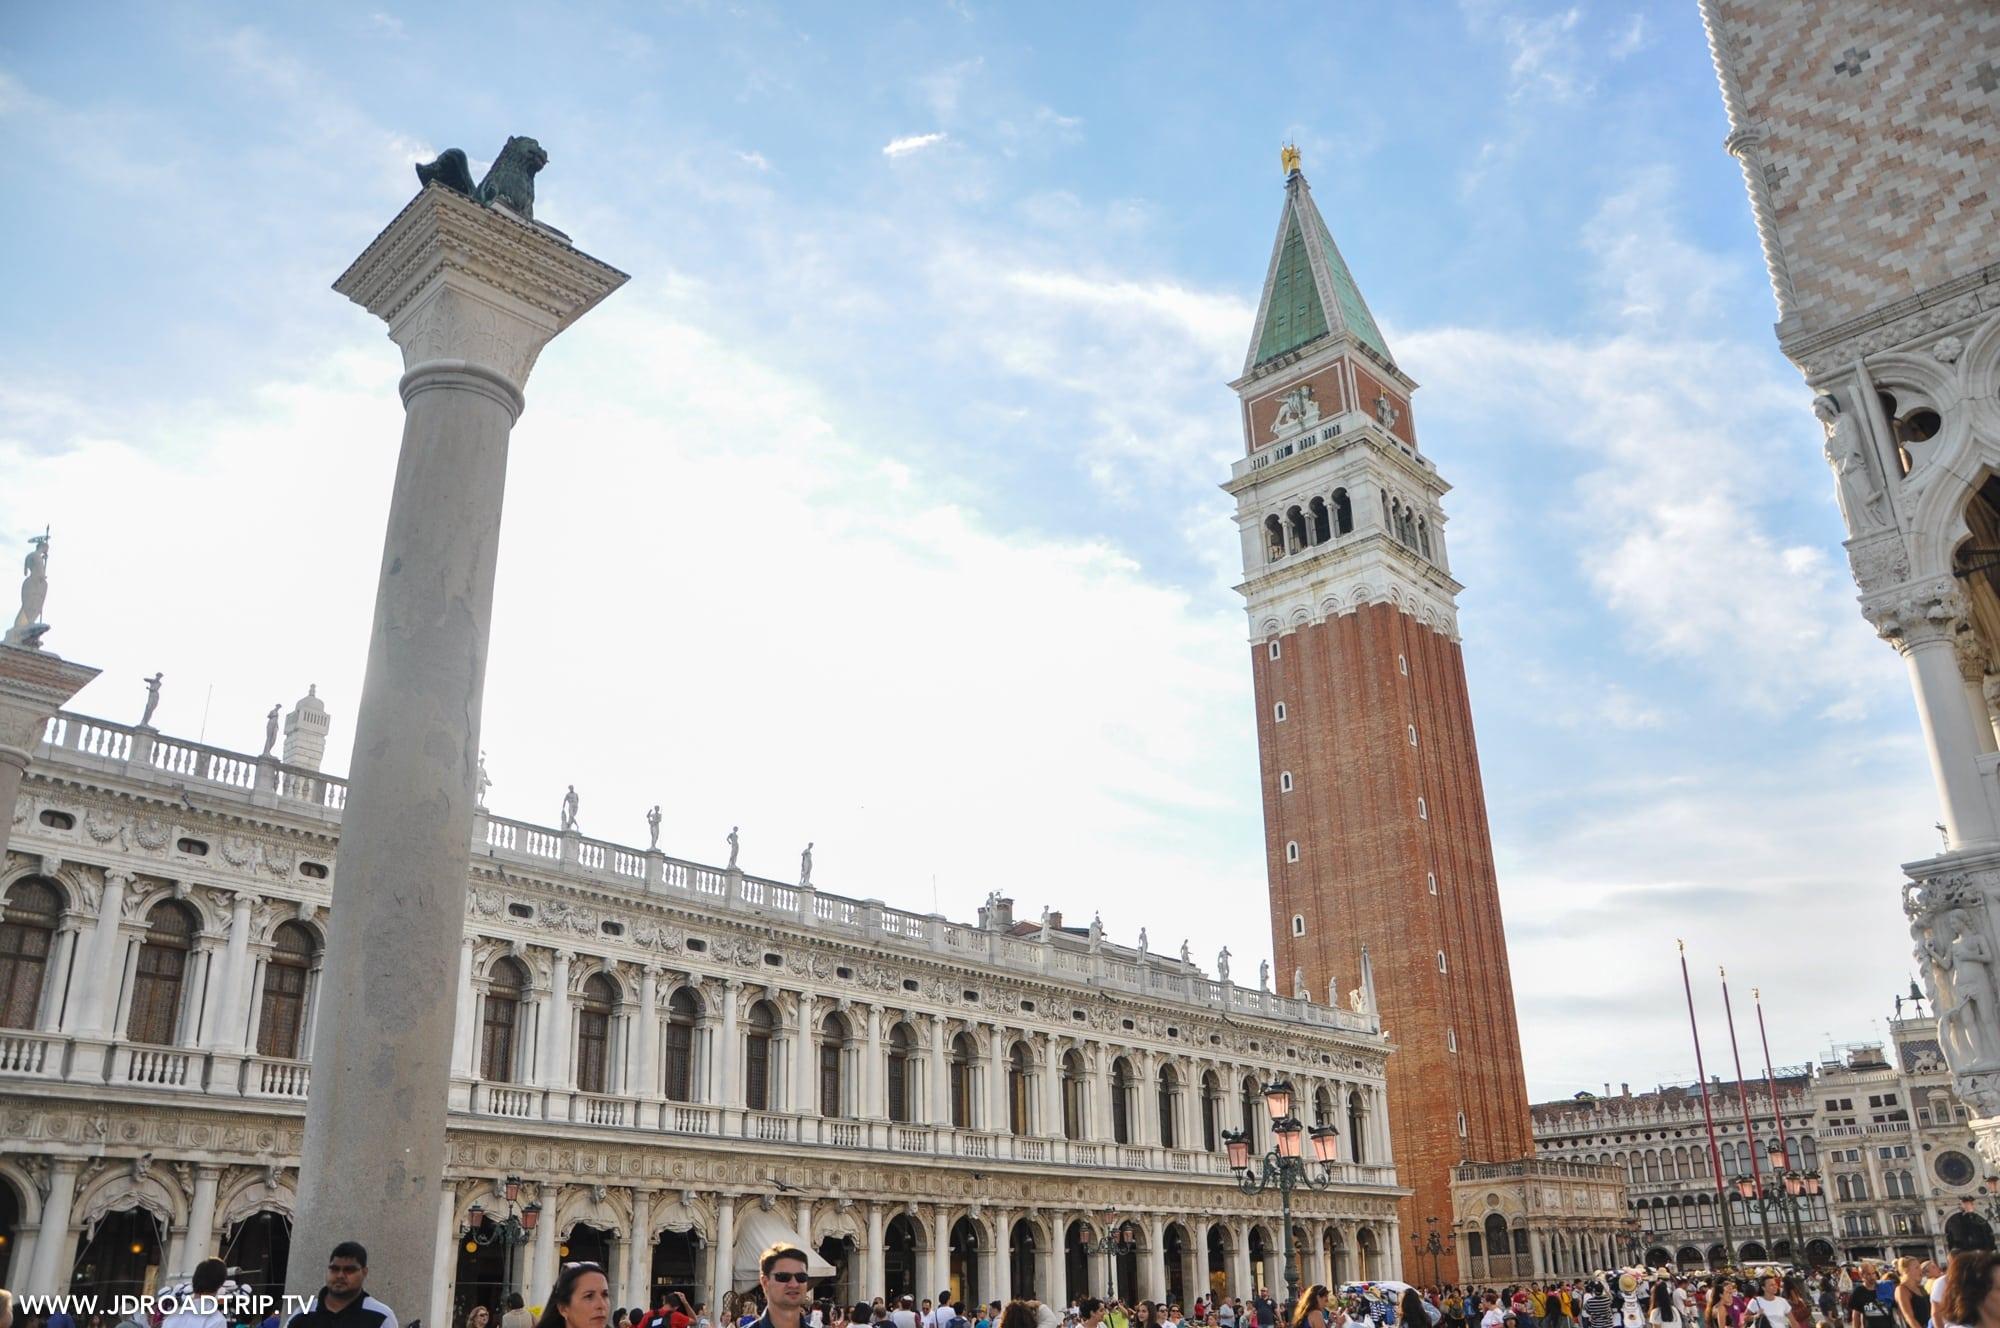 Visiter Venise en 3 jours - Campanile